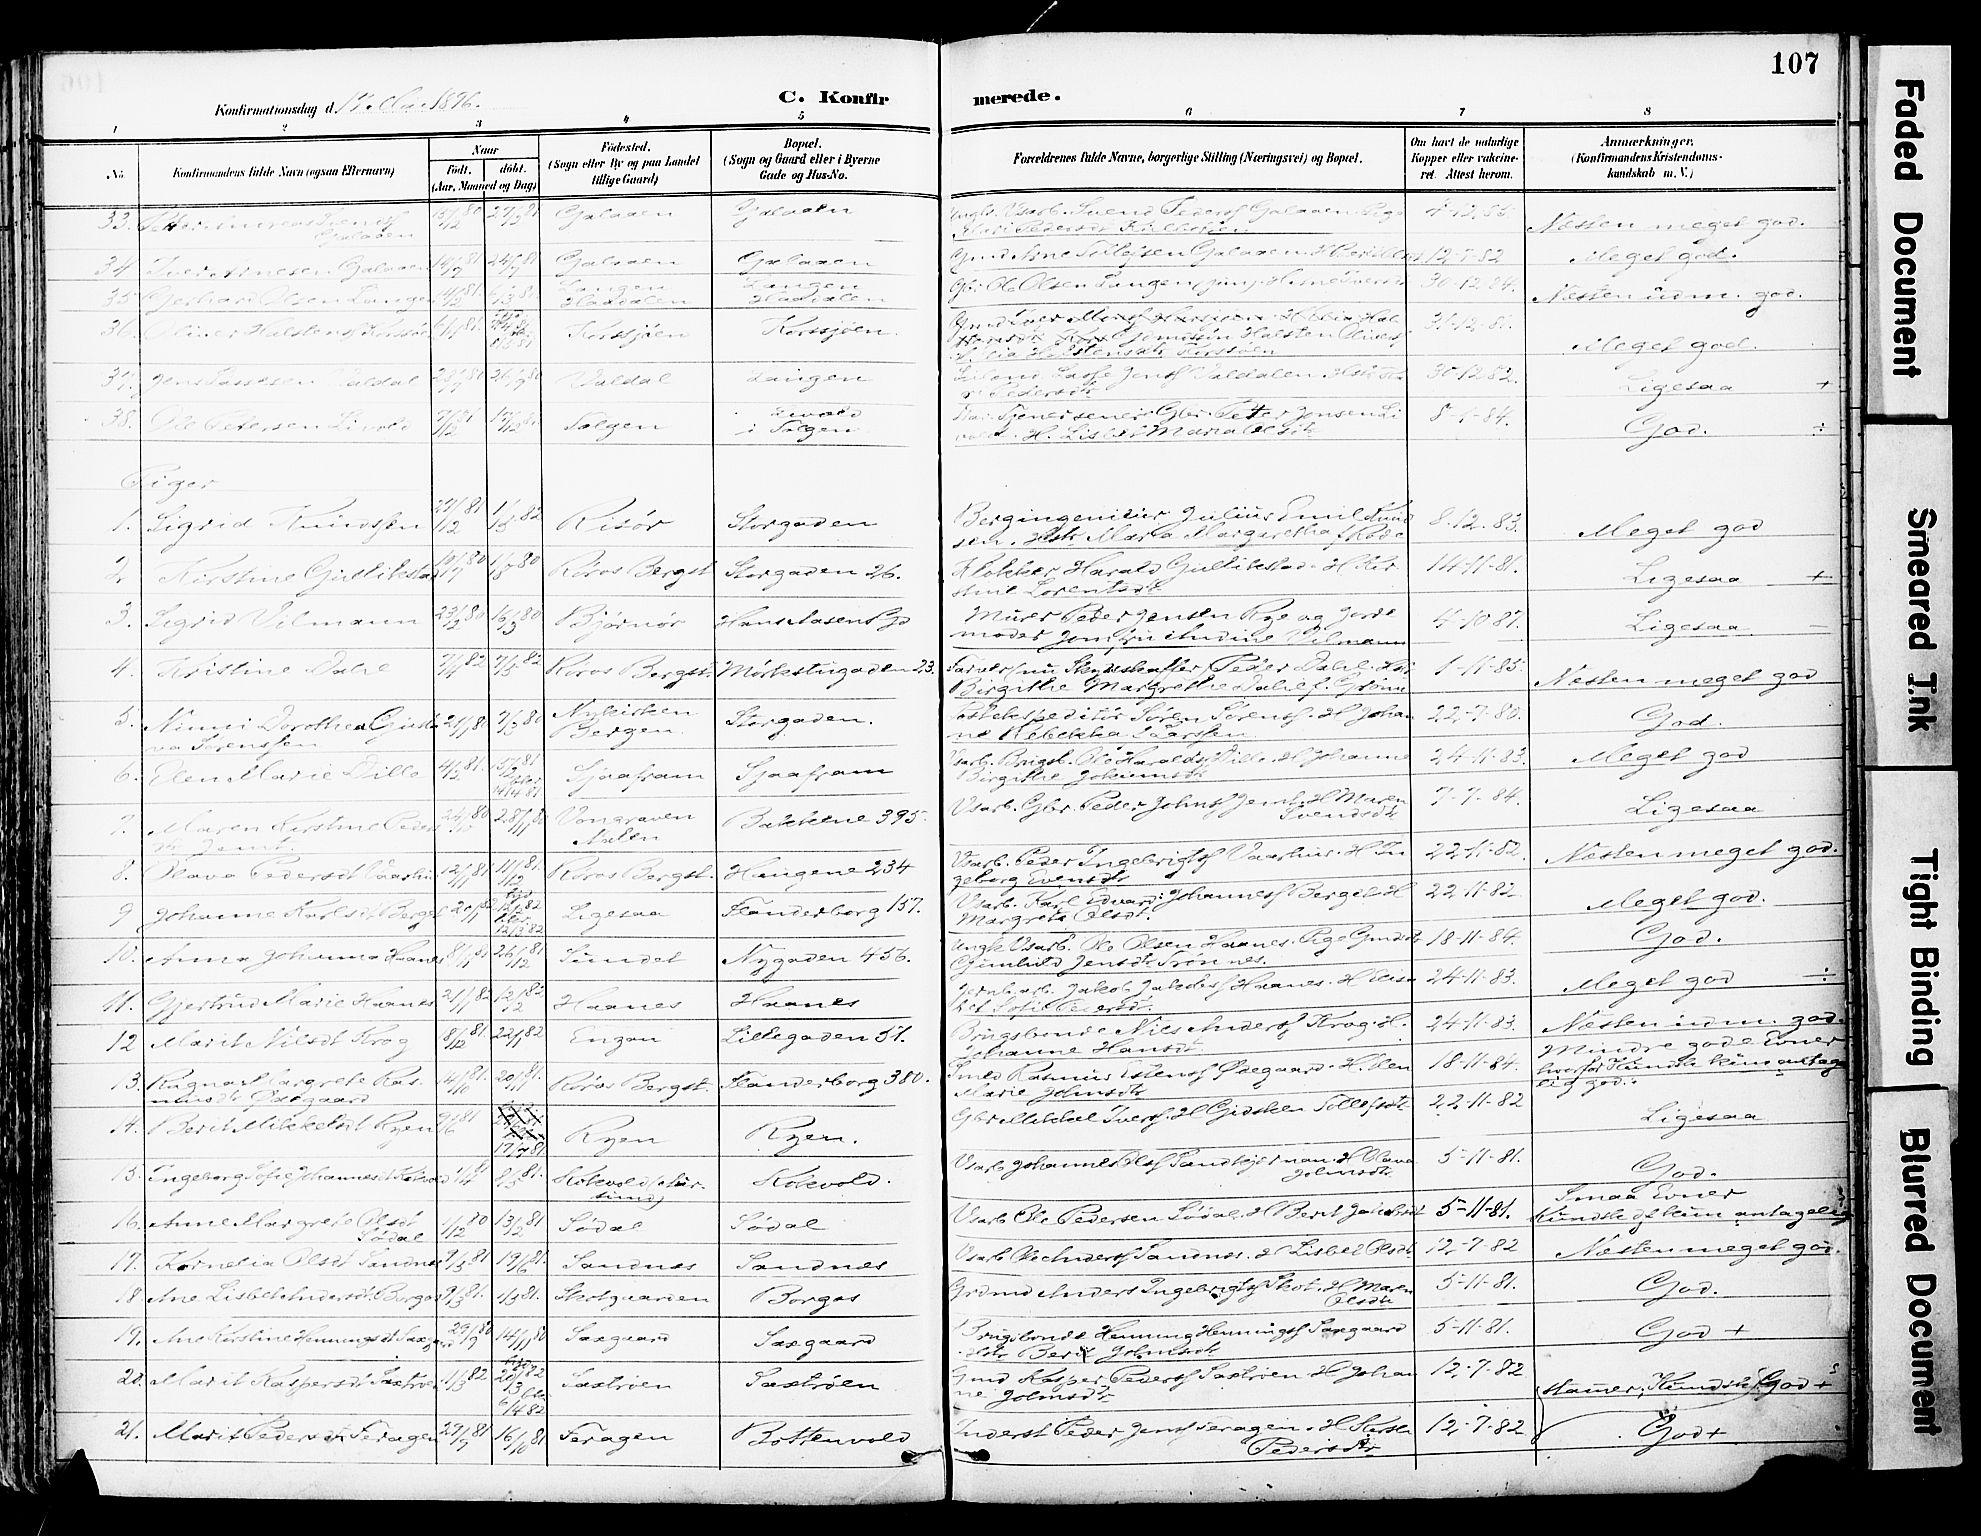 SAT, Ministerialprotokoller, klokkerbøker og fødselsregistre - Sør-Trøndelag, 681/L0935: Ministerialbok nr. 681A13, 1890-1898, s. 107